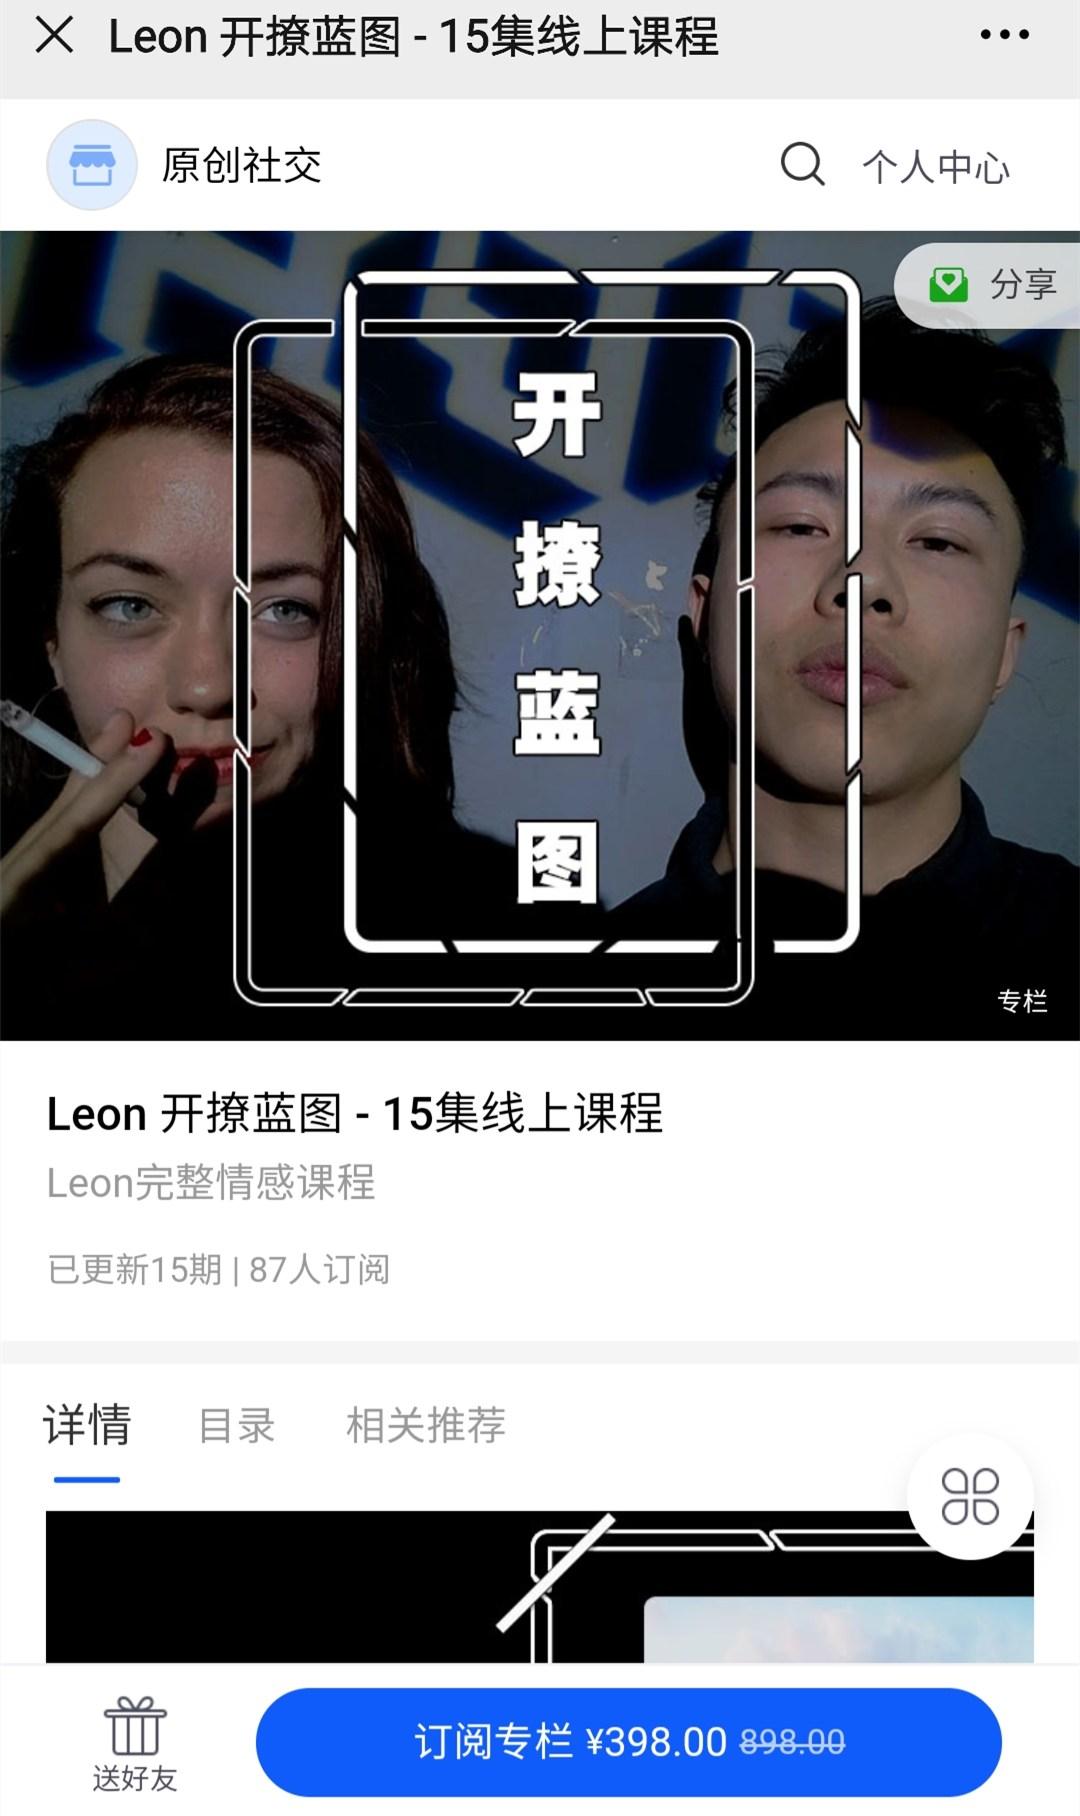 Leon 开撩蓝图 - 15集线上课程